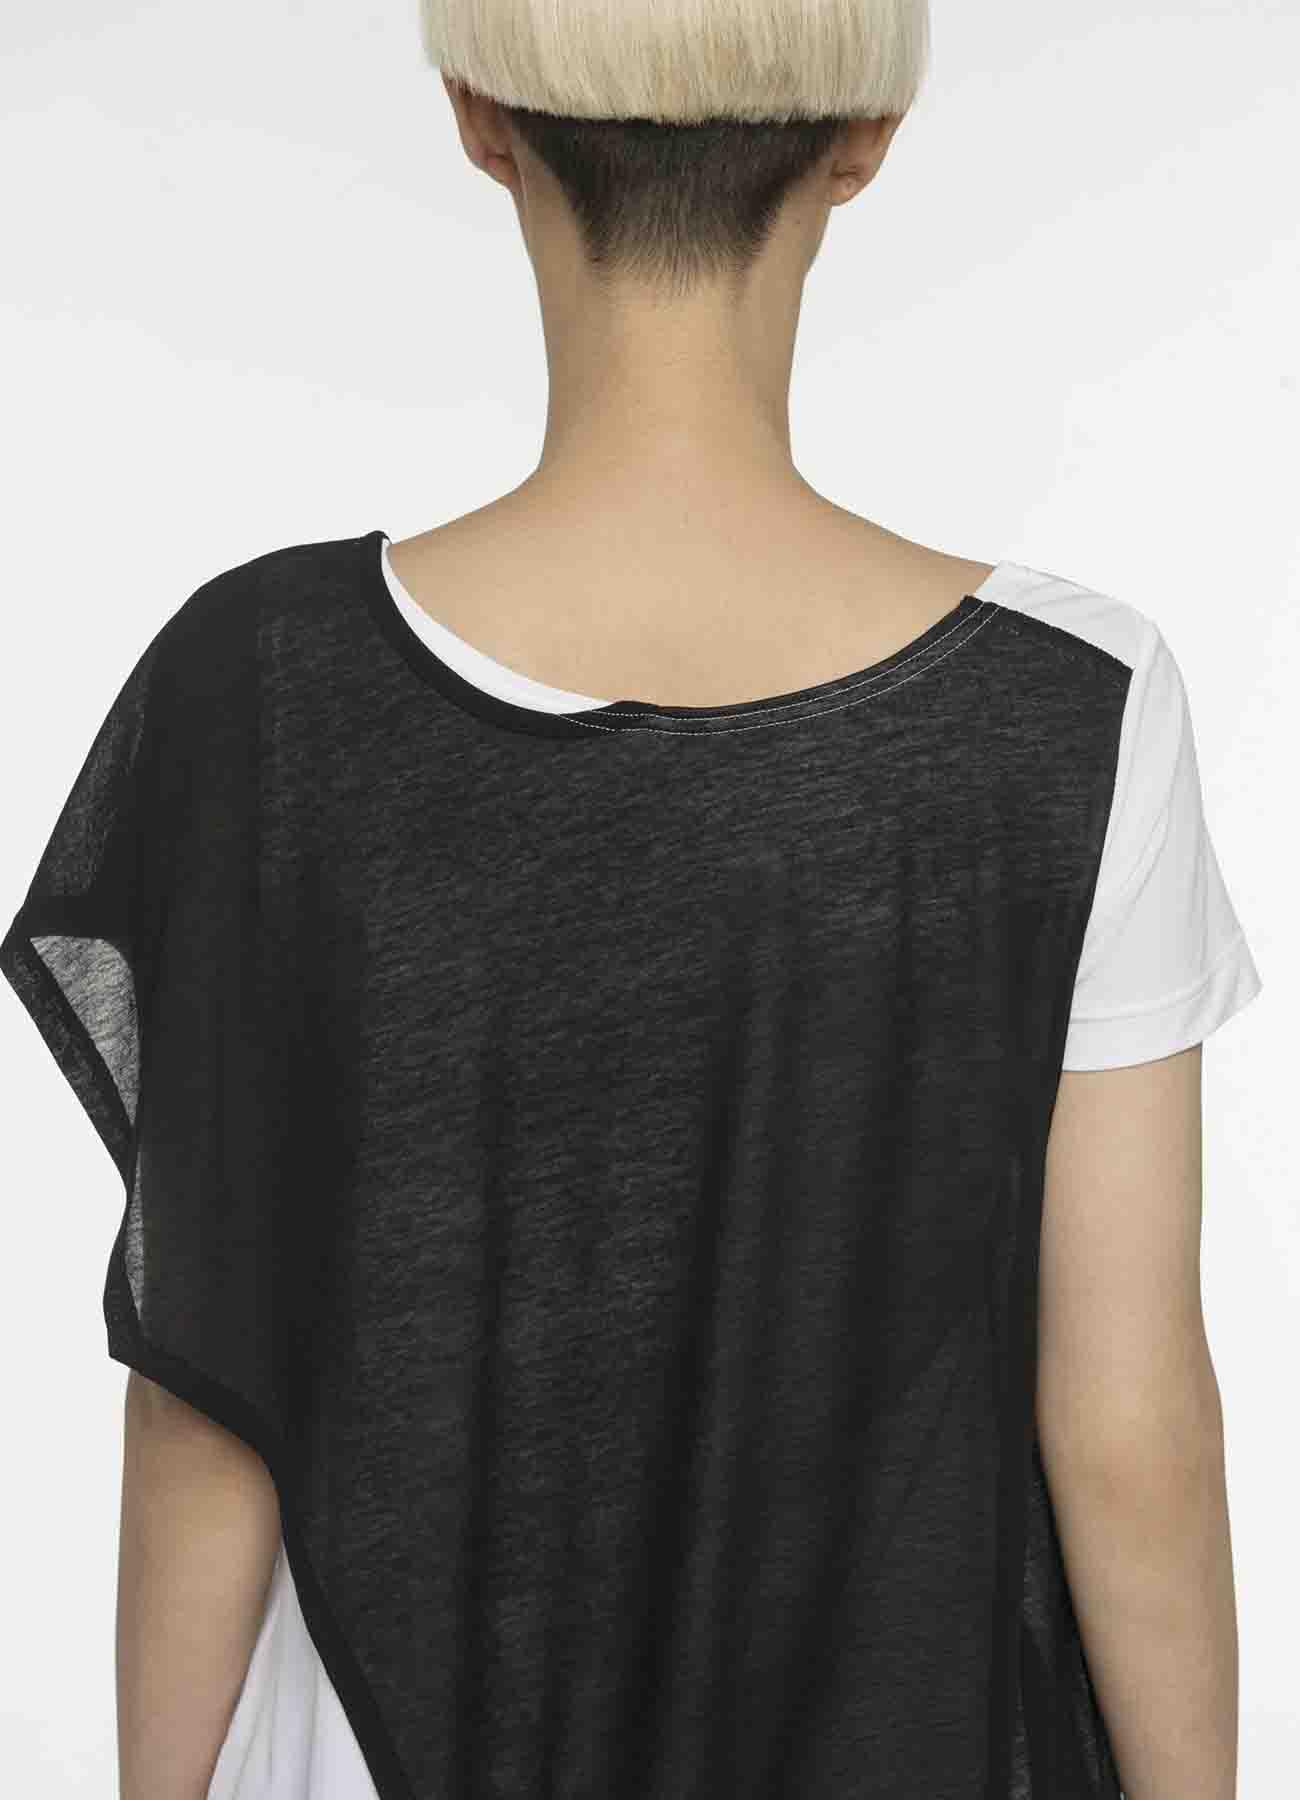 不对称设计叠穿风T恤